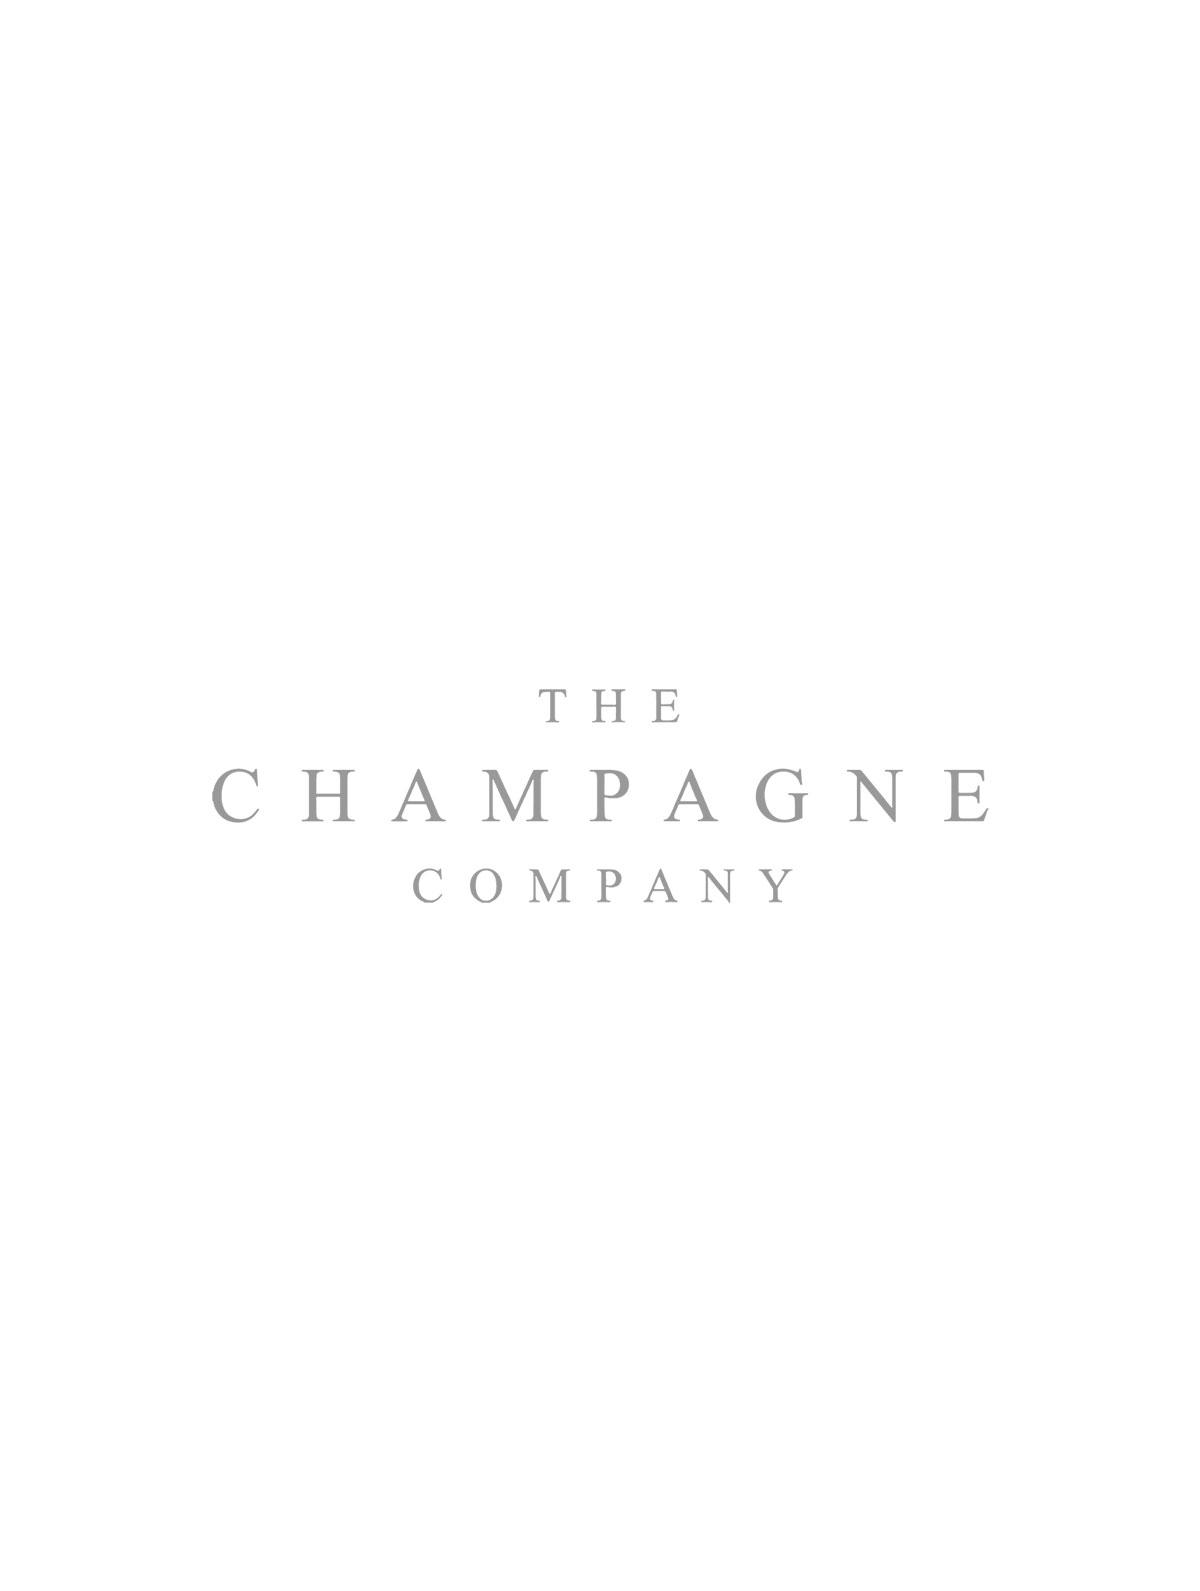 Perrier Jouet Belle Epoque 2008 Vintage Champagne 75cl & Truffles 650g